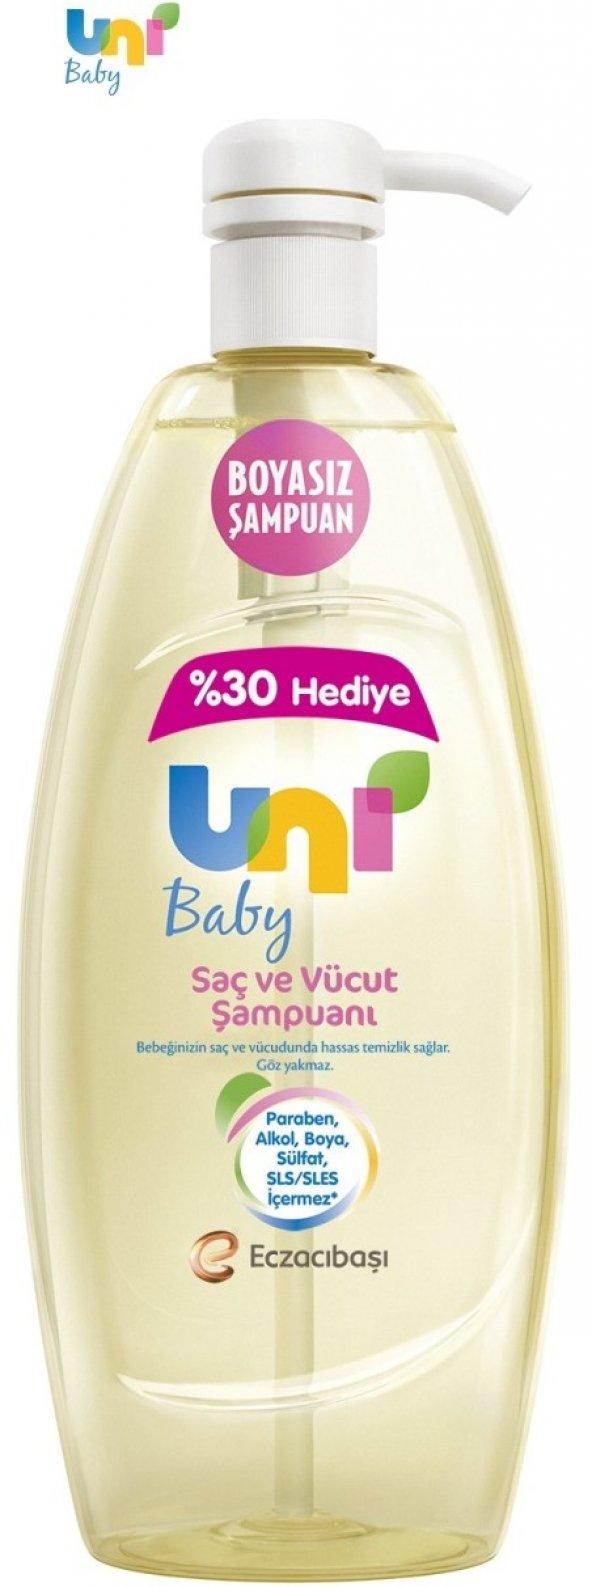 Uni Baby Şampuan 900Ml Boyasız Pompalı Bebekler İçin